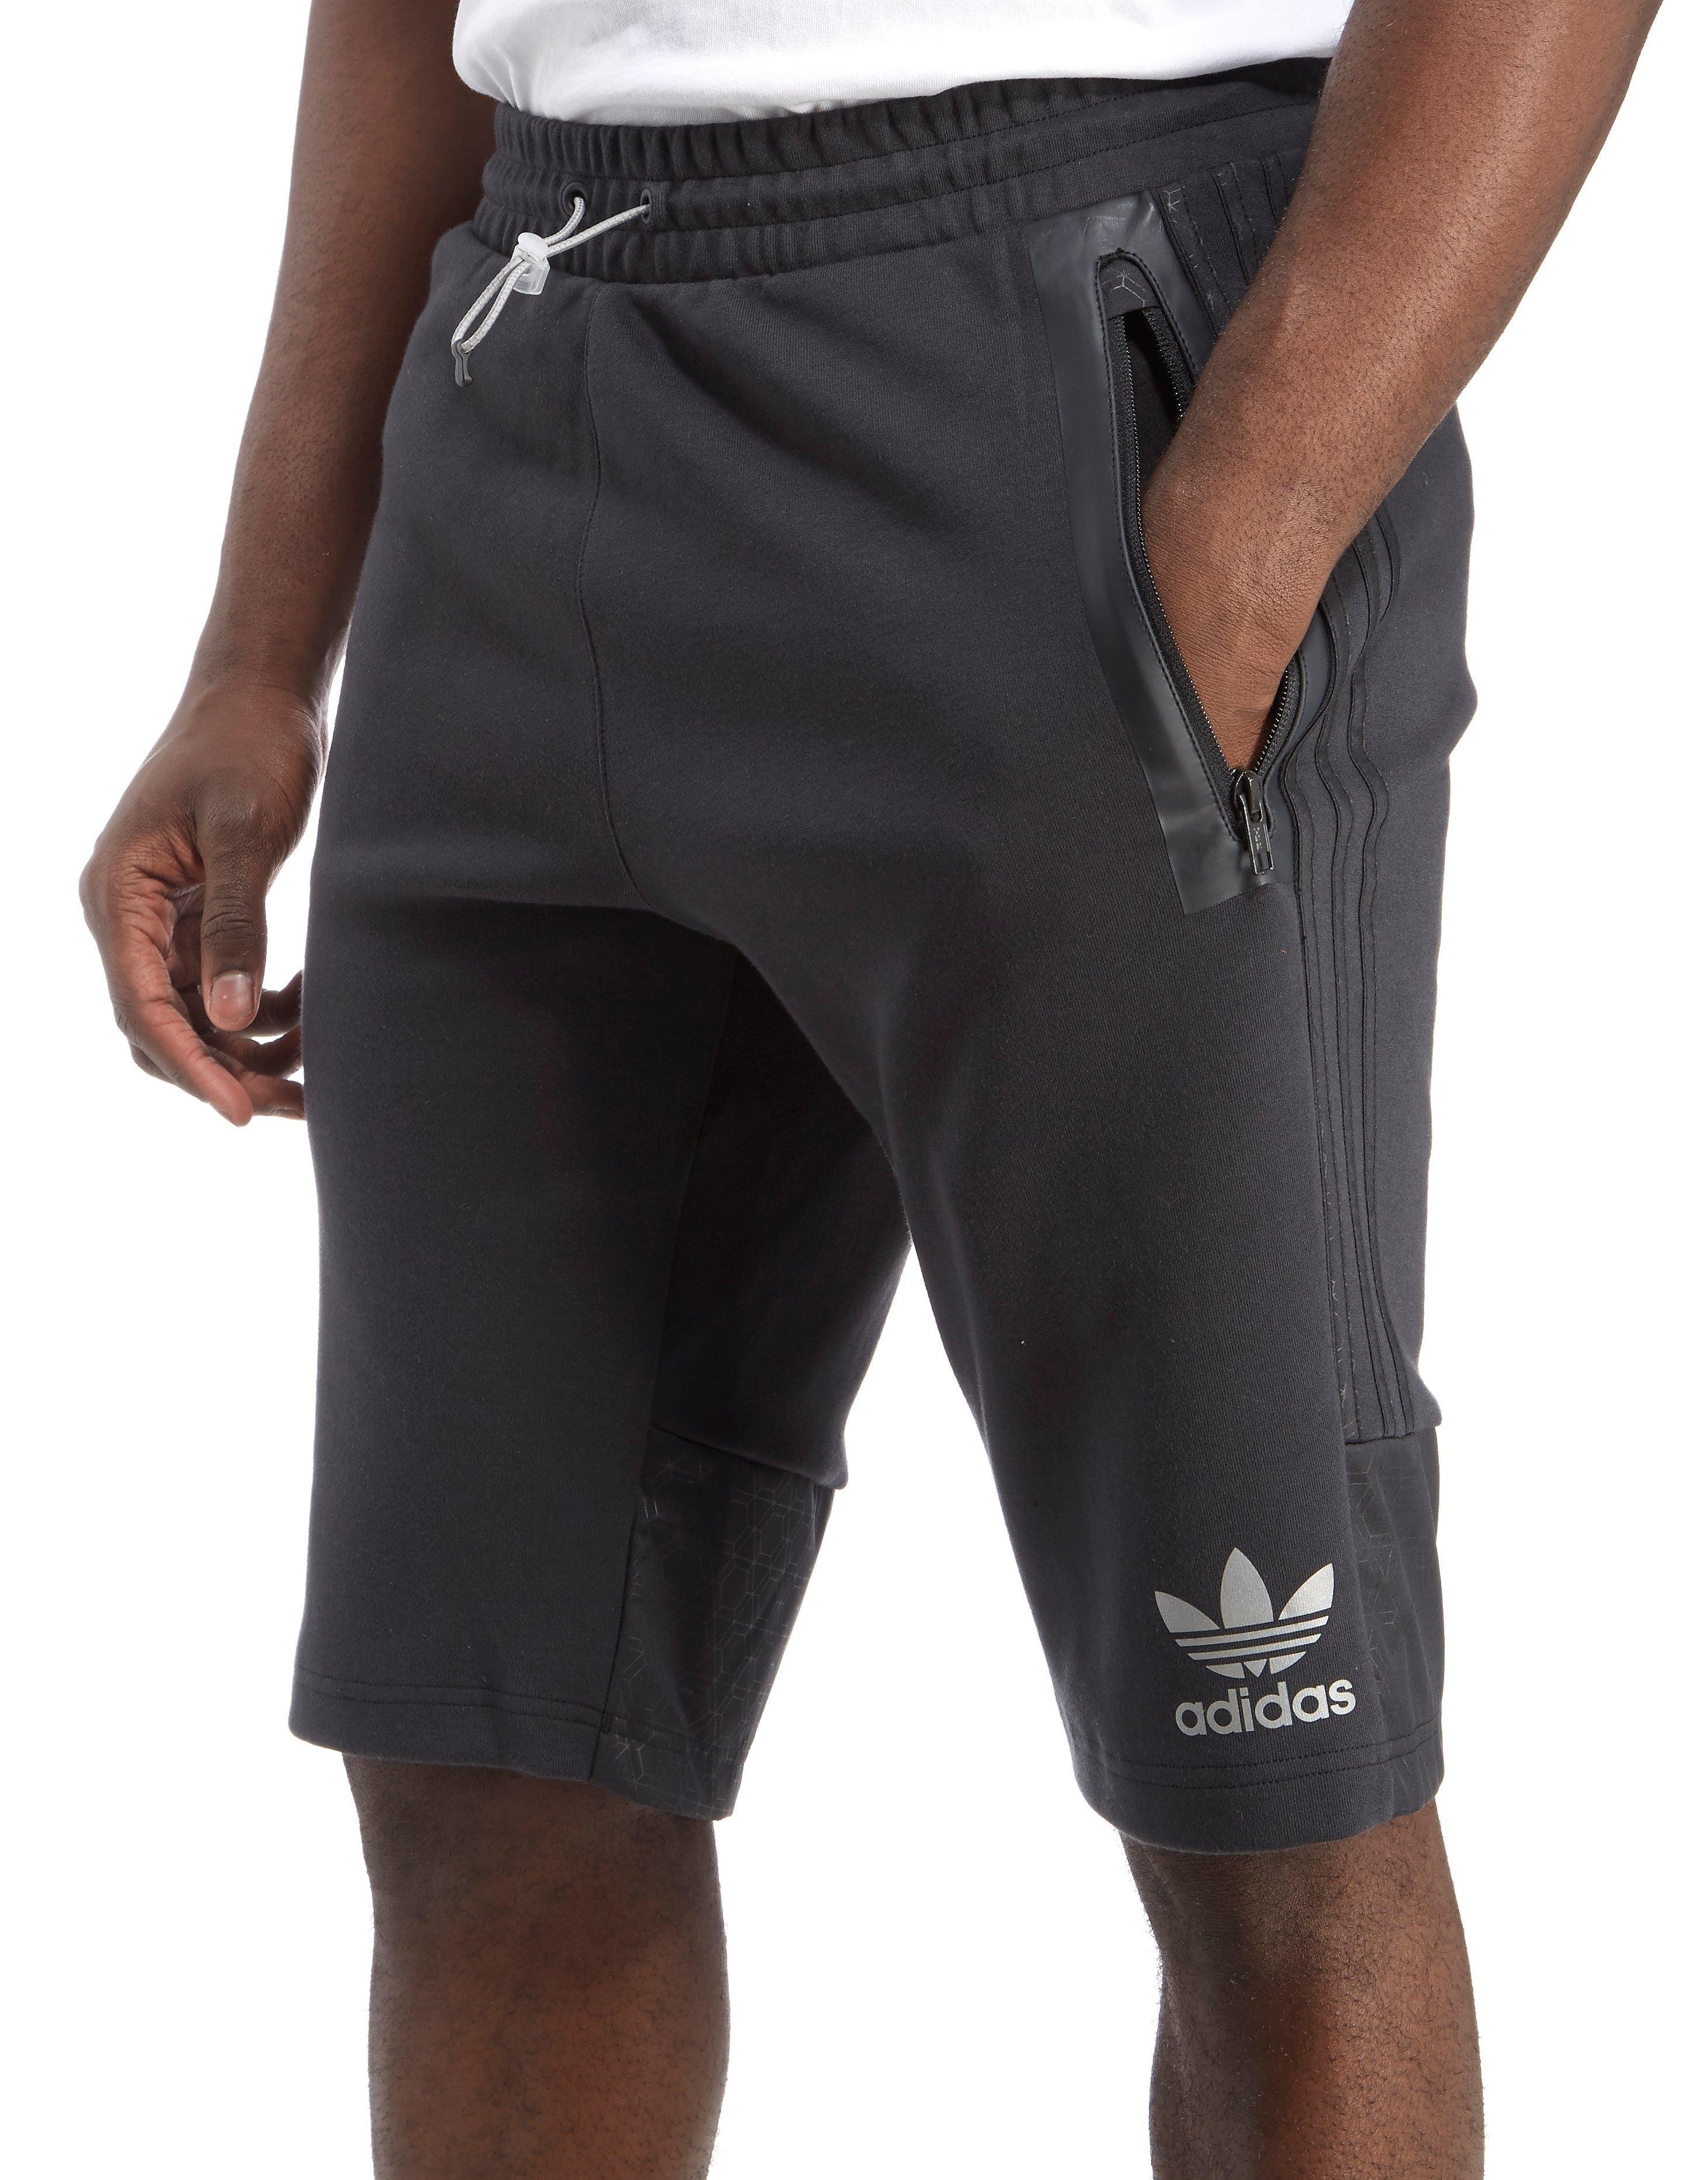 adidas Originals Street Run Tech Shorts